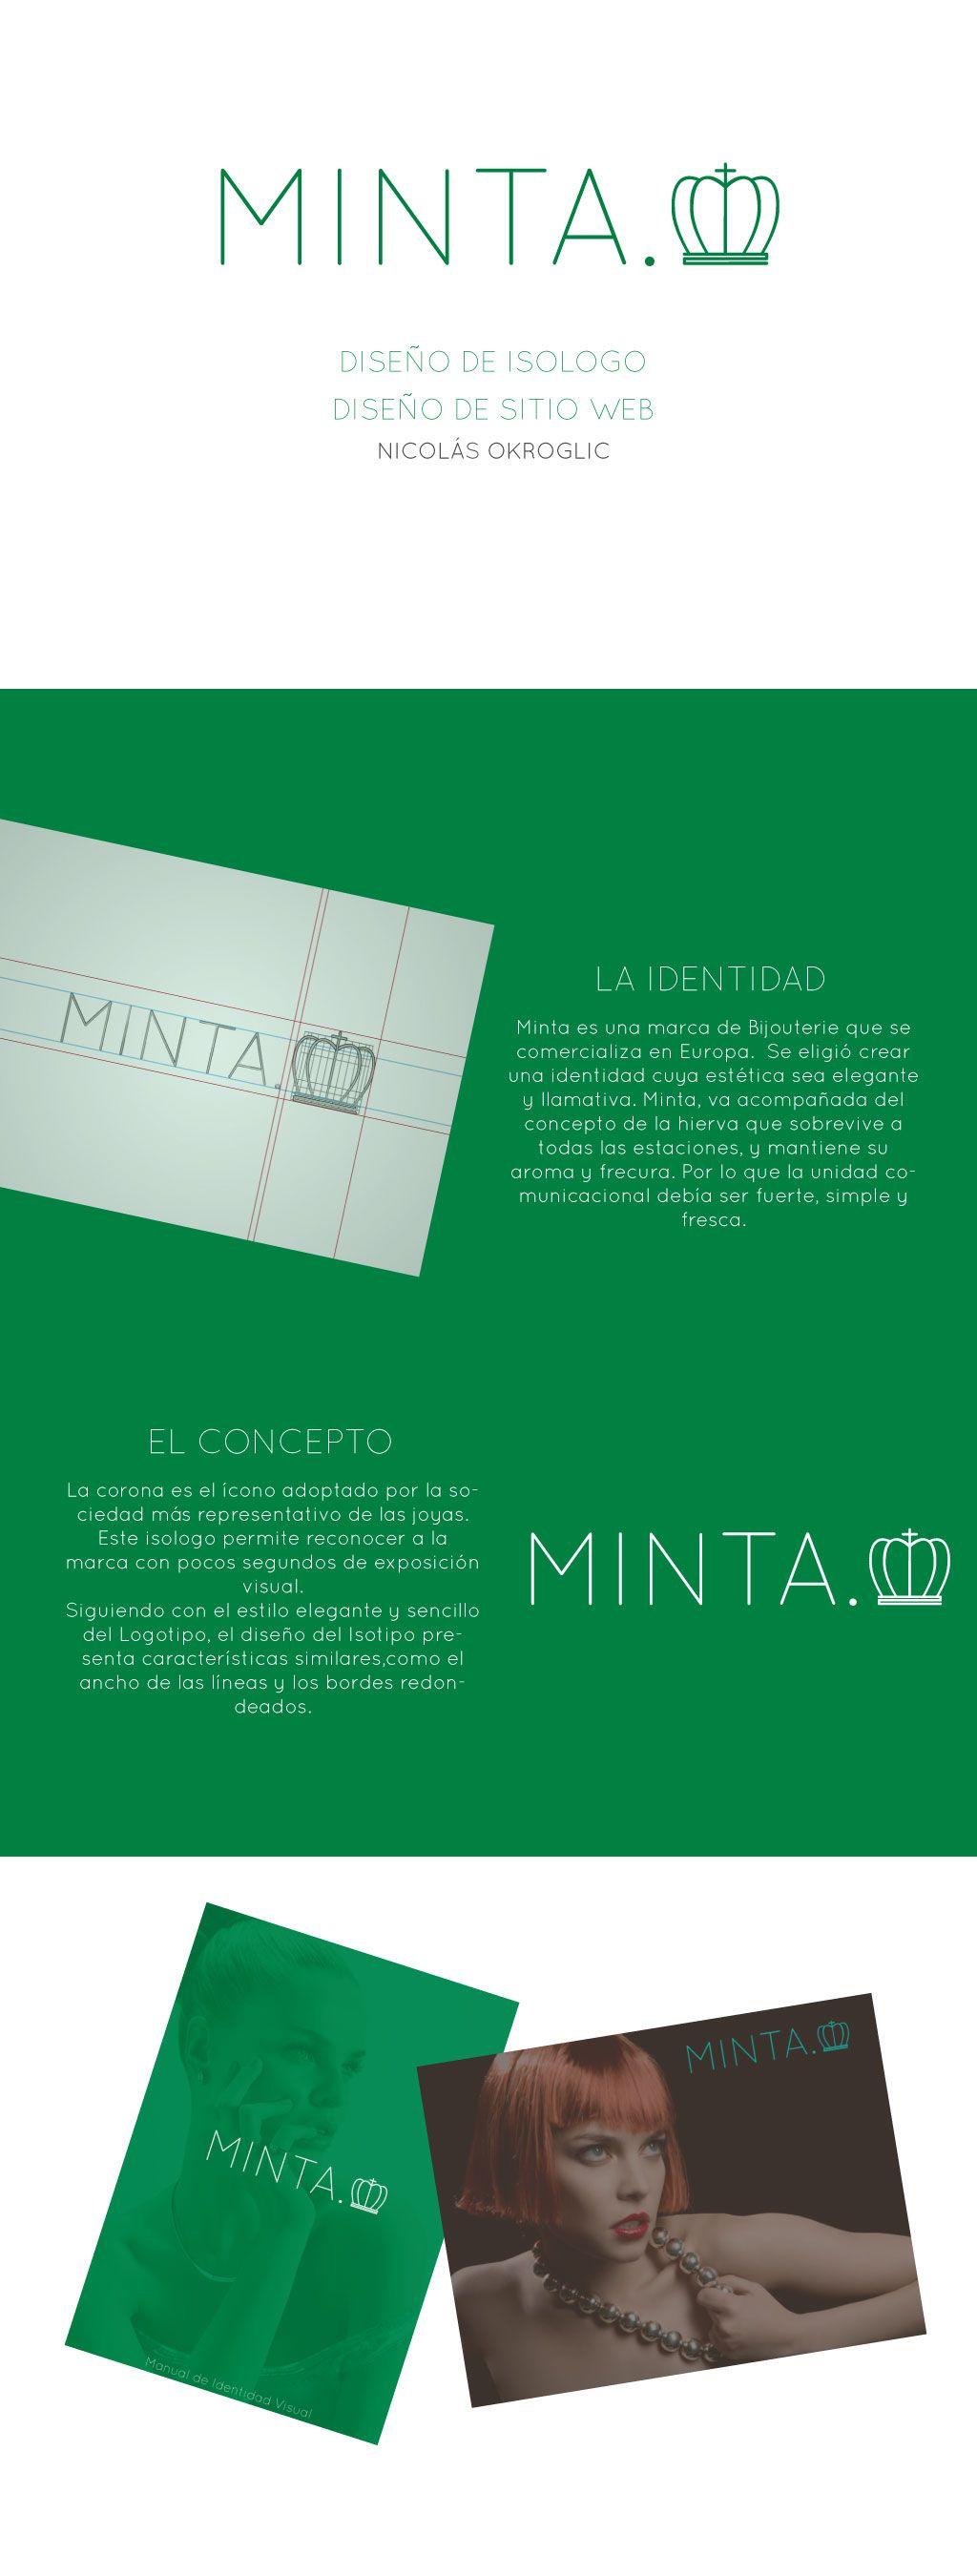 Diseño de isologo para Minta.